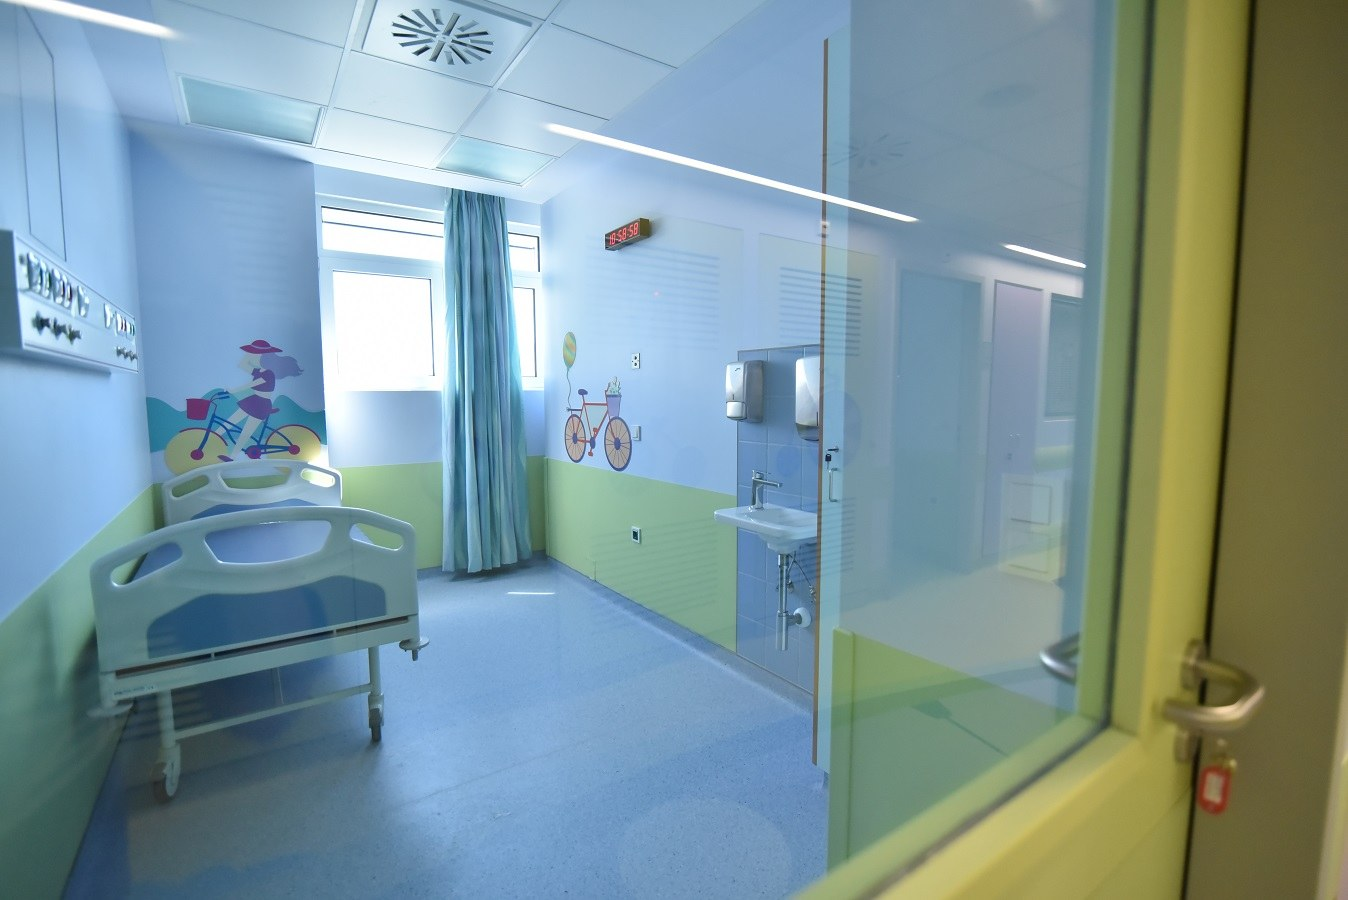 Τα νέα έργα στο παιδιατρικό νοσοκομείο «Παναγιώτης και Αγλαΐα Κυριακού»